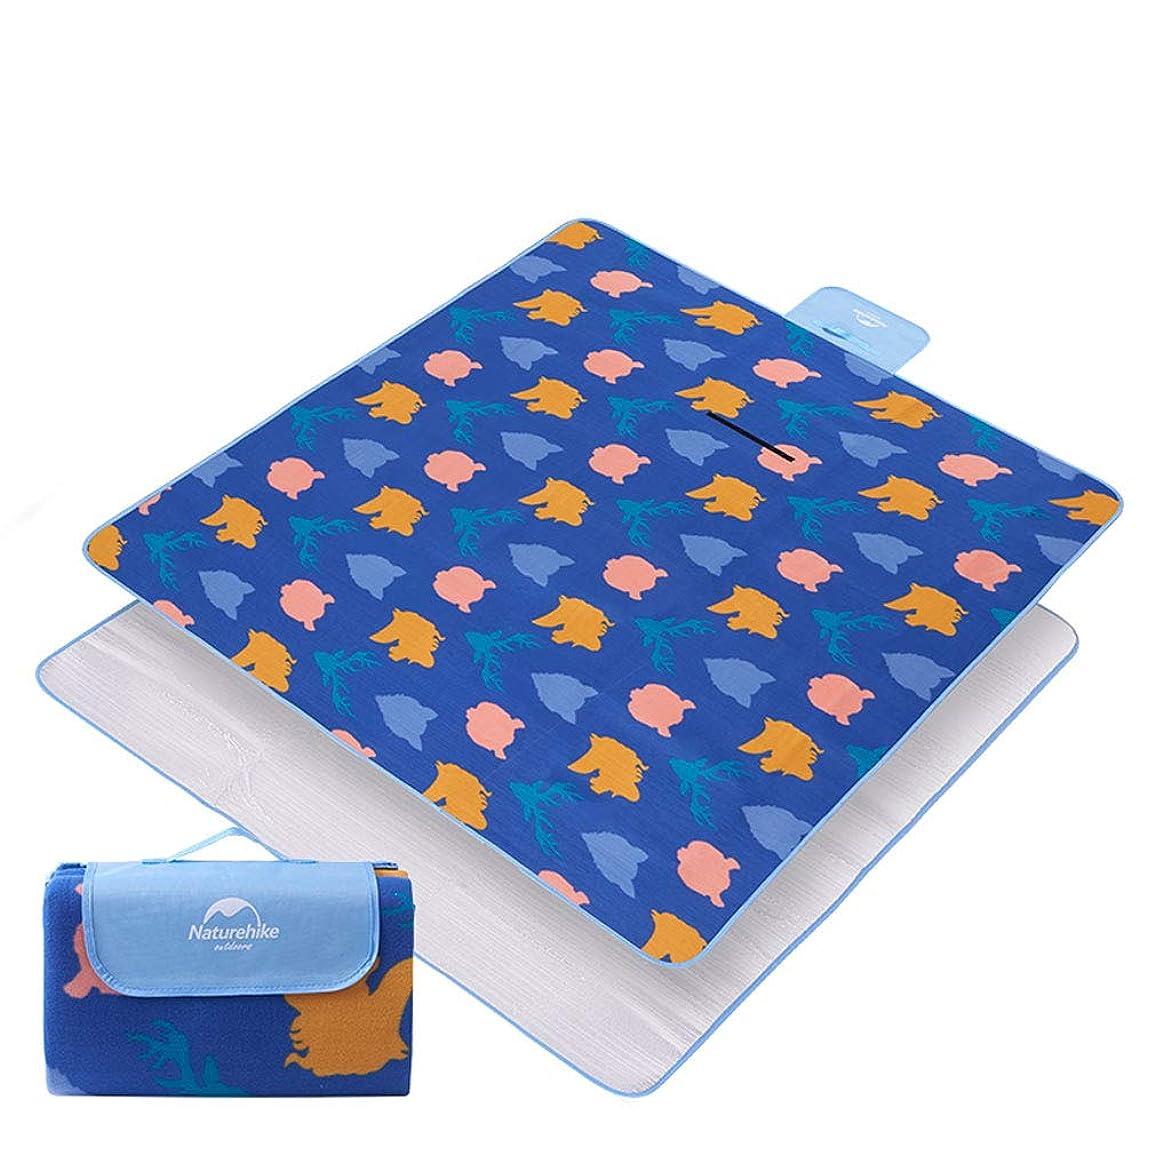 離す章入る肌にやさしい ピクニックマット水分パッドピクニックマットポータブル防水ピクニック布 通気性